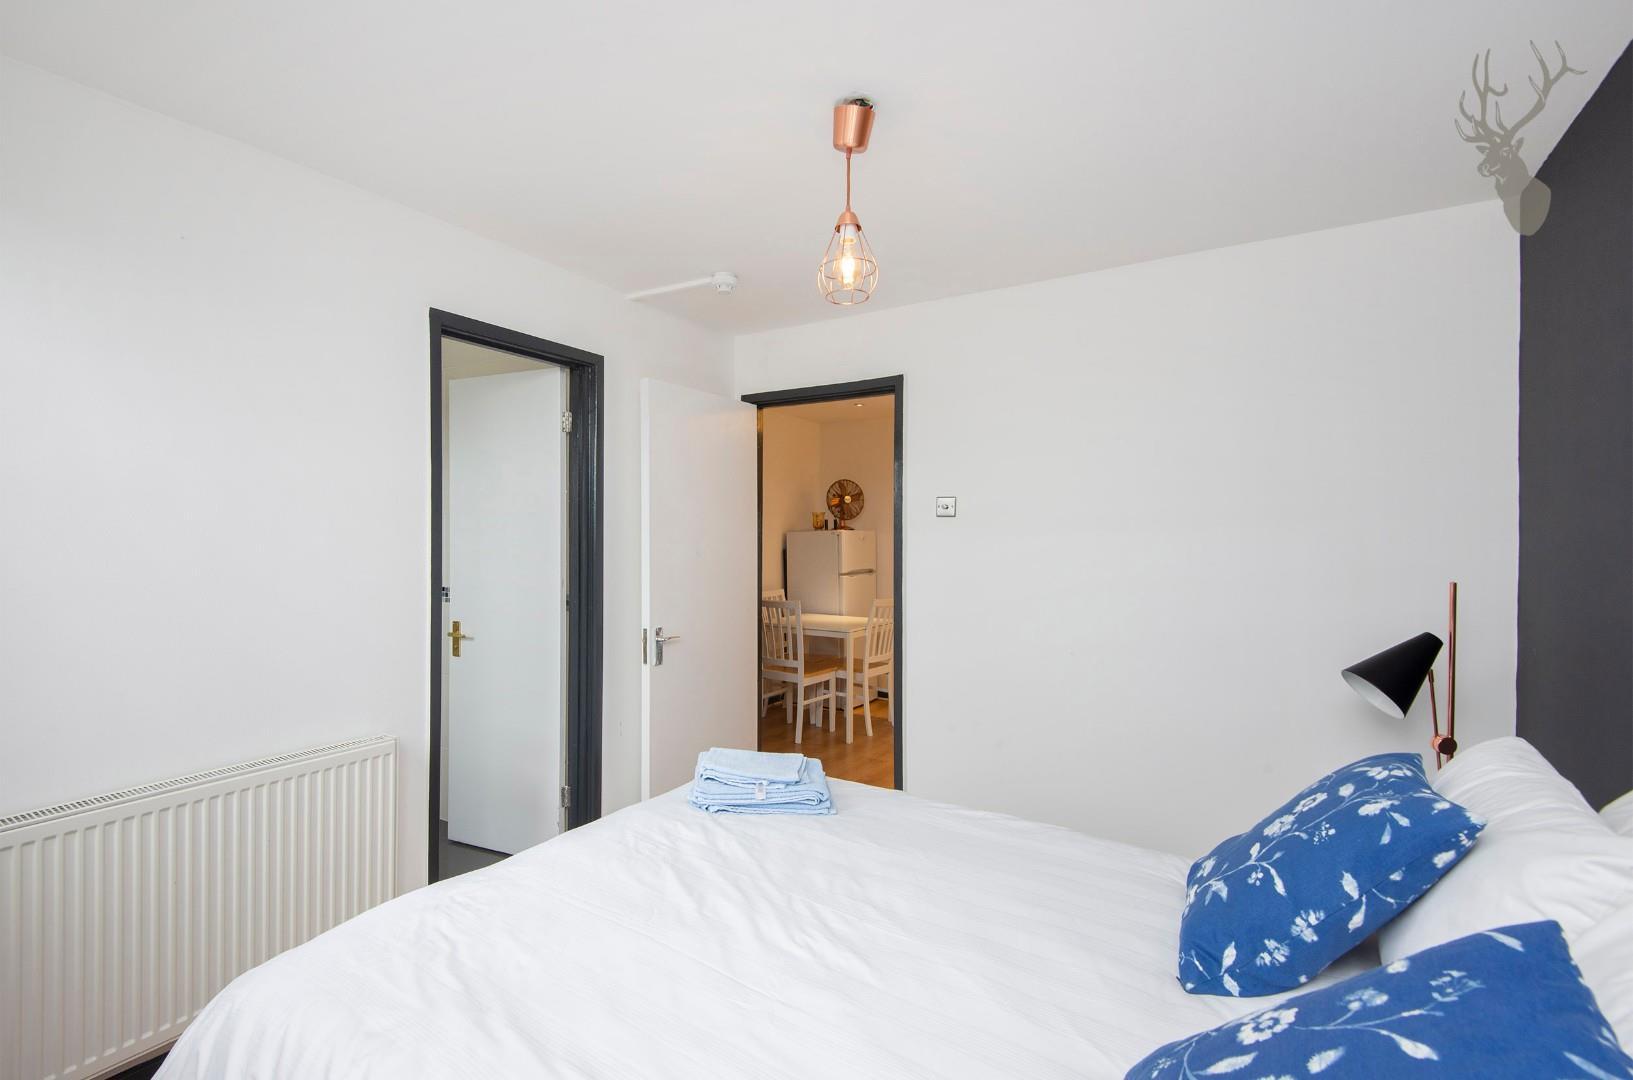 Flat 7, 586 Kingsland Road E8 Bedroom img 3.jpg